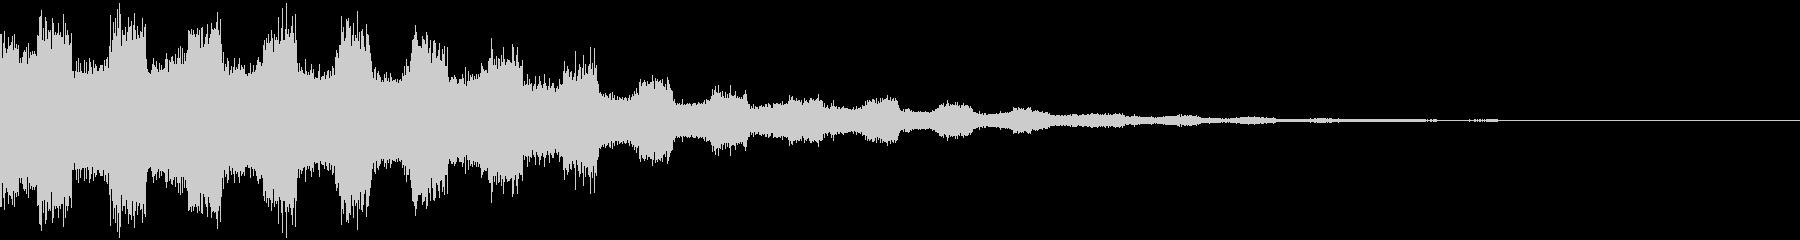 【音楽制作用】ノイズ FXの未再生の波形